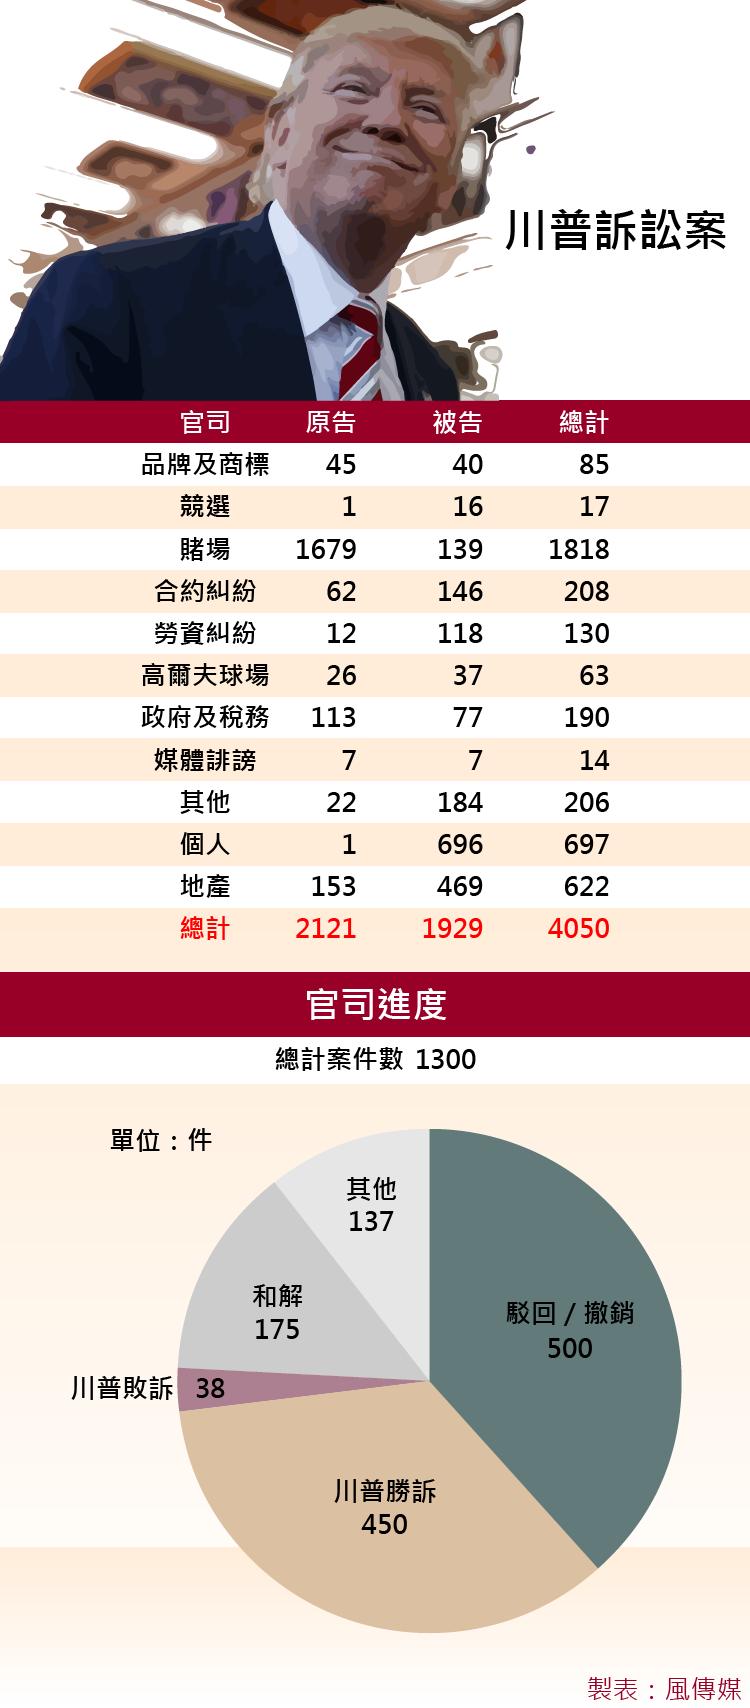 川普官司一覽表(風傳媒製圖)